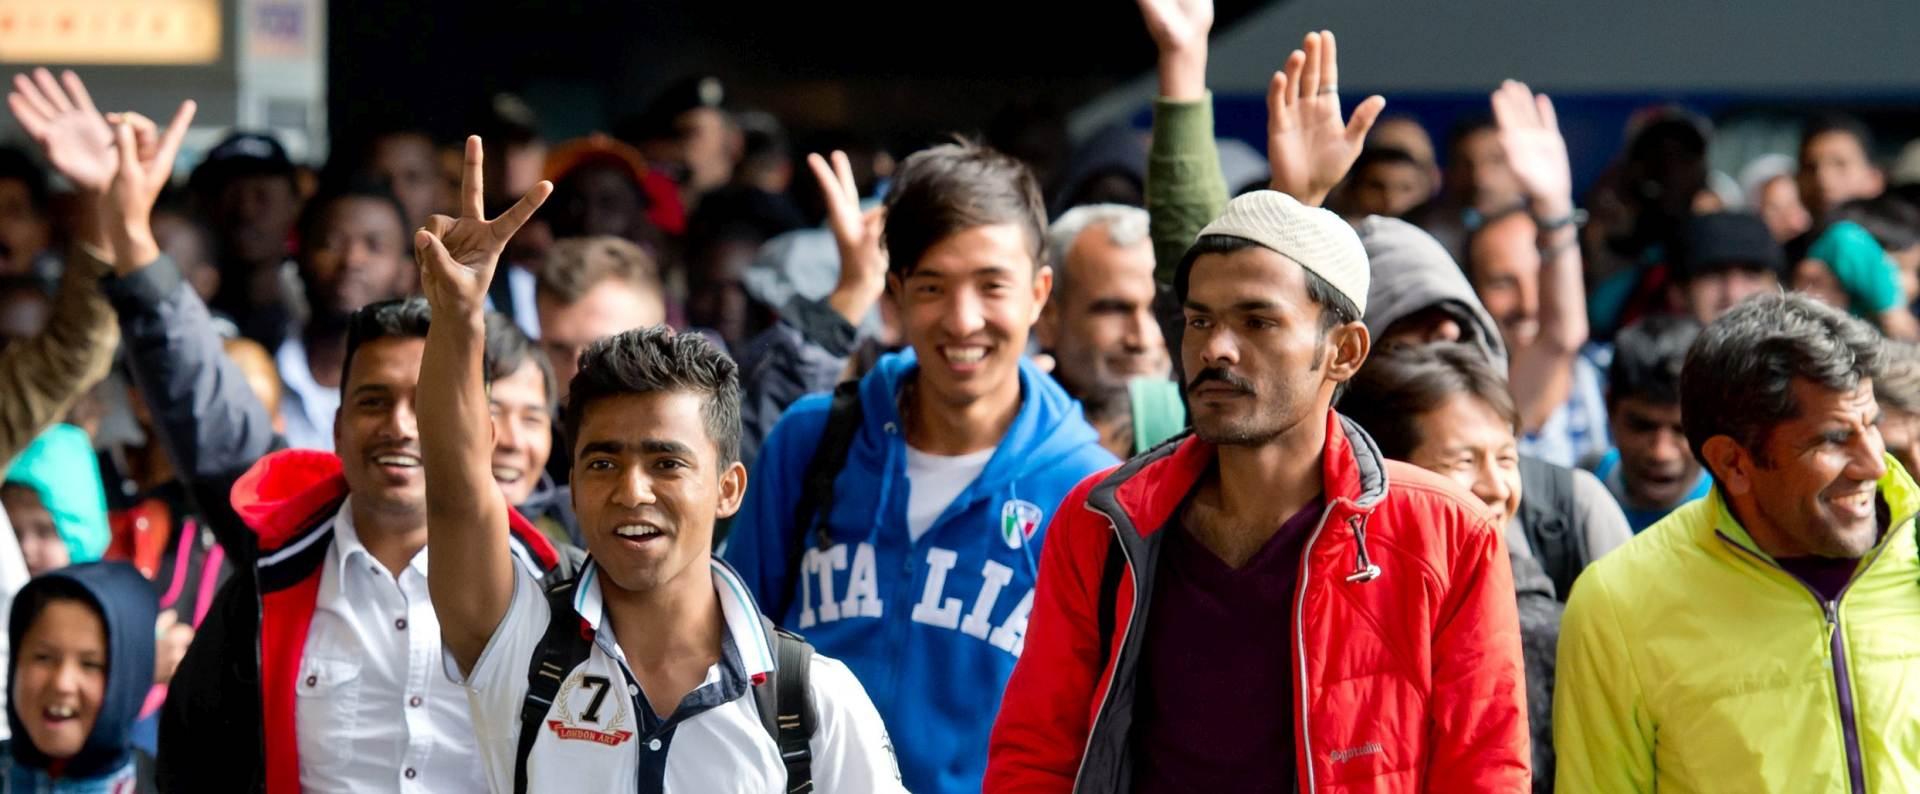 IMIGRACIJSKA POLITIKA: Švicarski birači zbog  skreću još desnije